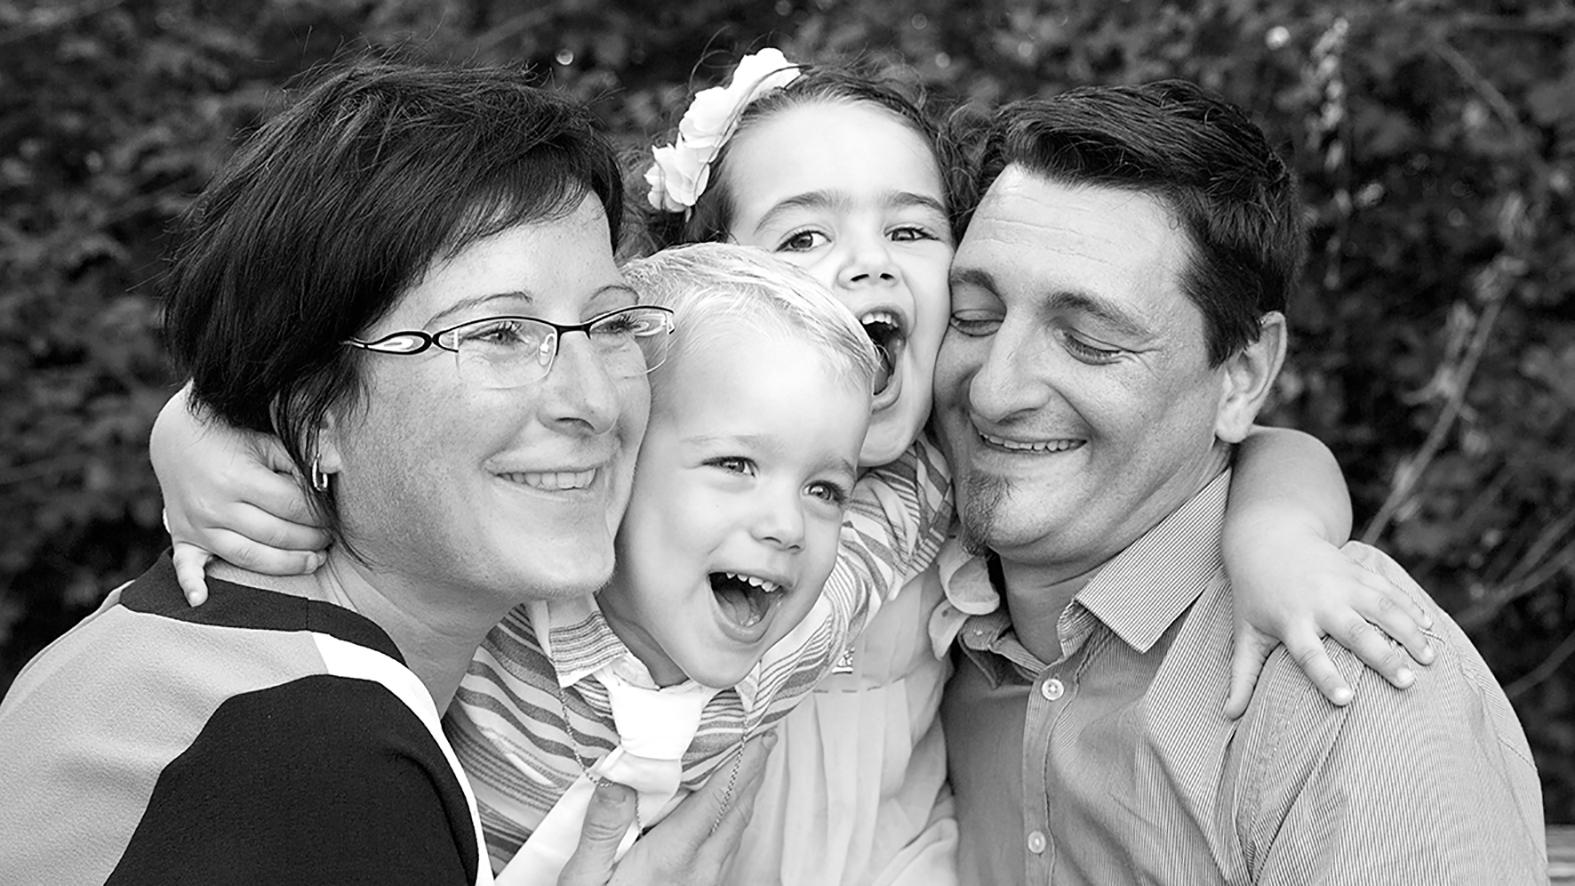 Deux enfants et leurs parents rient de bon cœur en étant serrés les uns contre les autres. Photographie en noir et blanc.